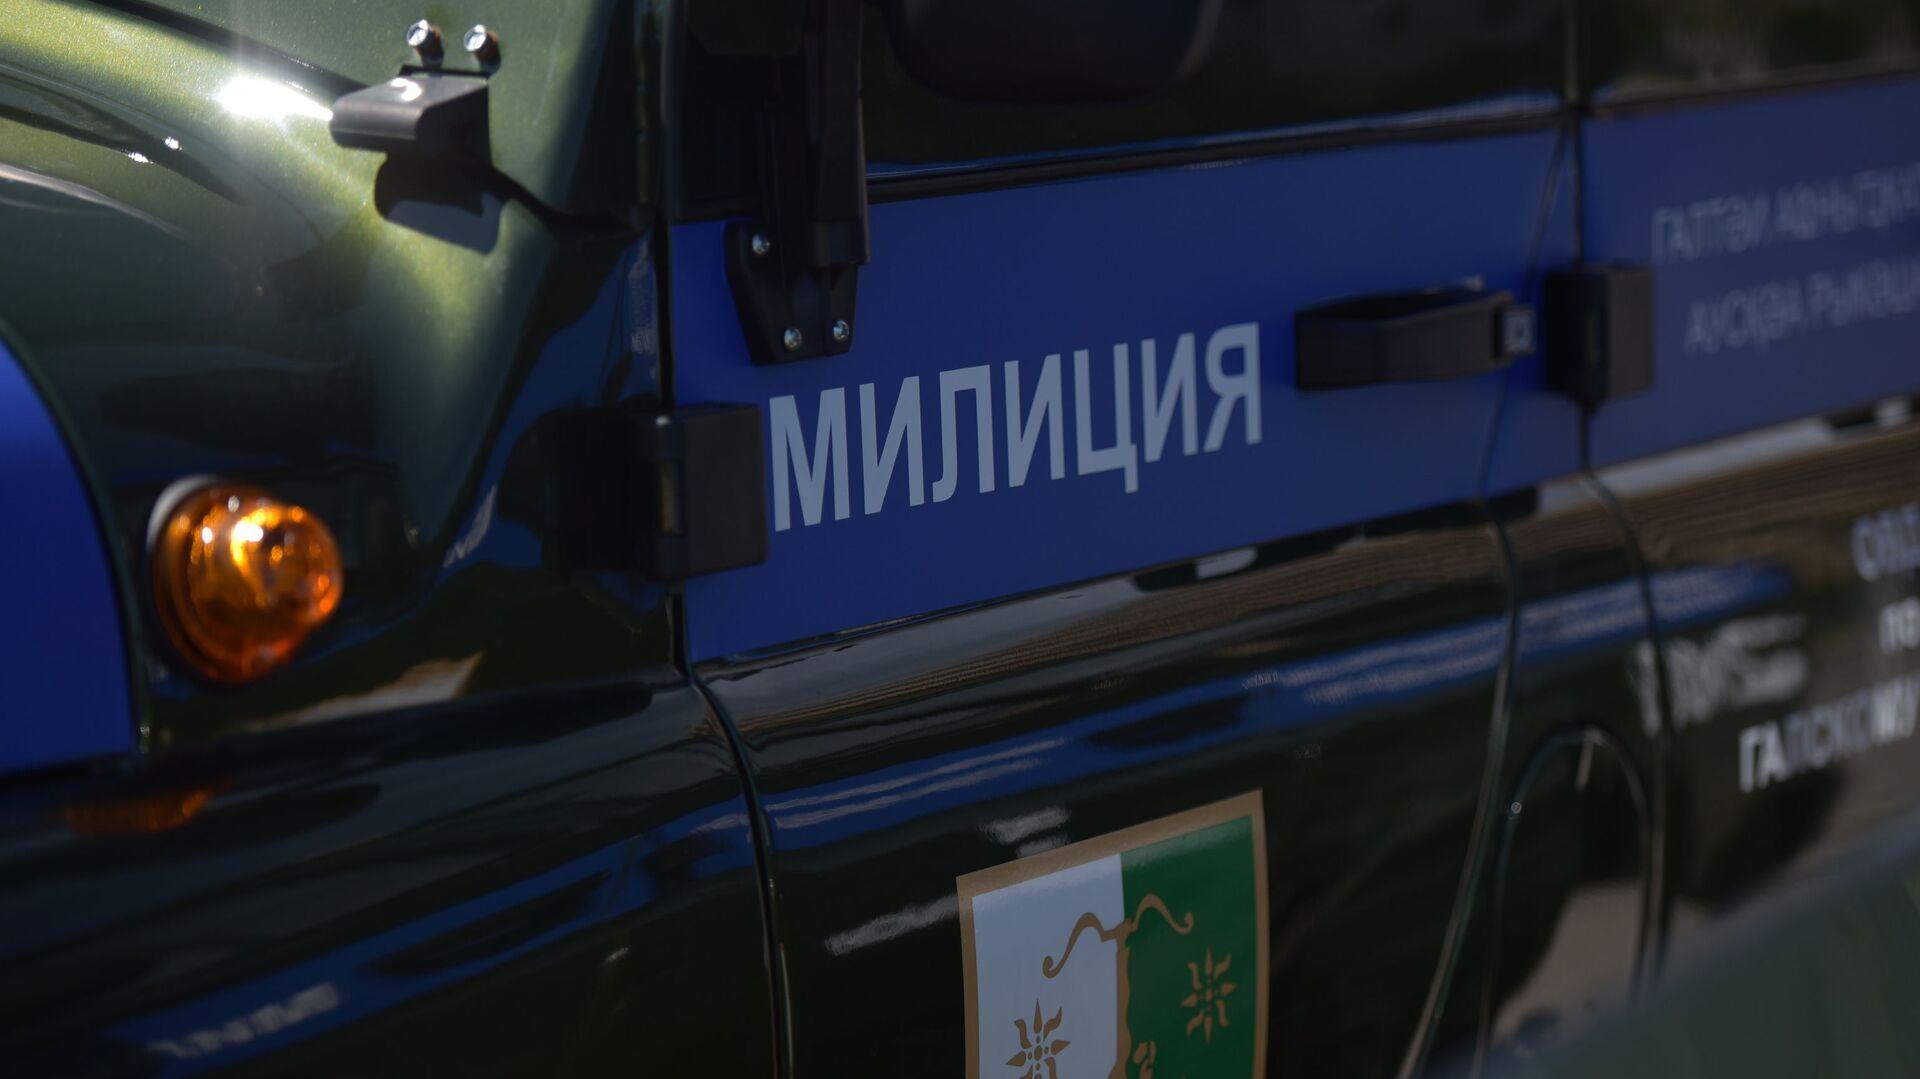 Патрульные машины МВД Абхазии  - Sputnik Абхазия, 1920, 13.10.2021